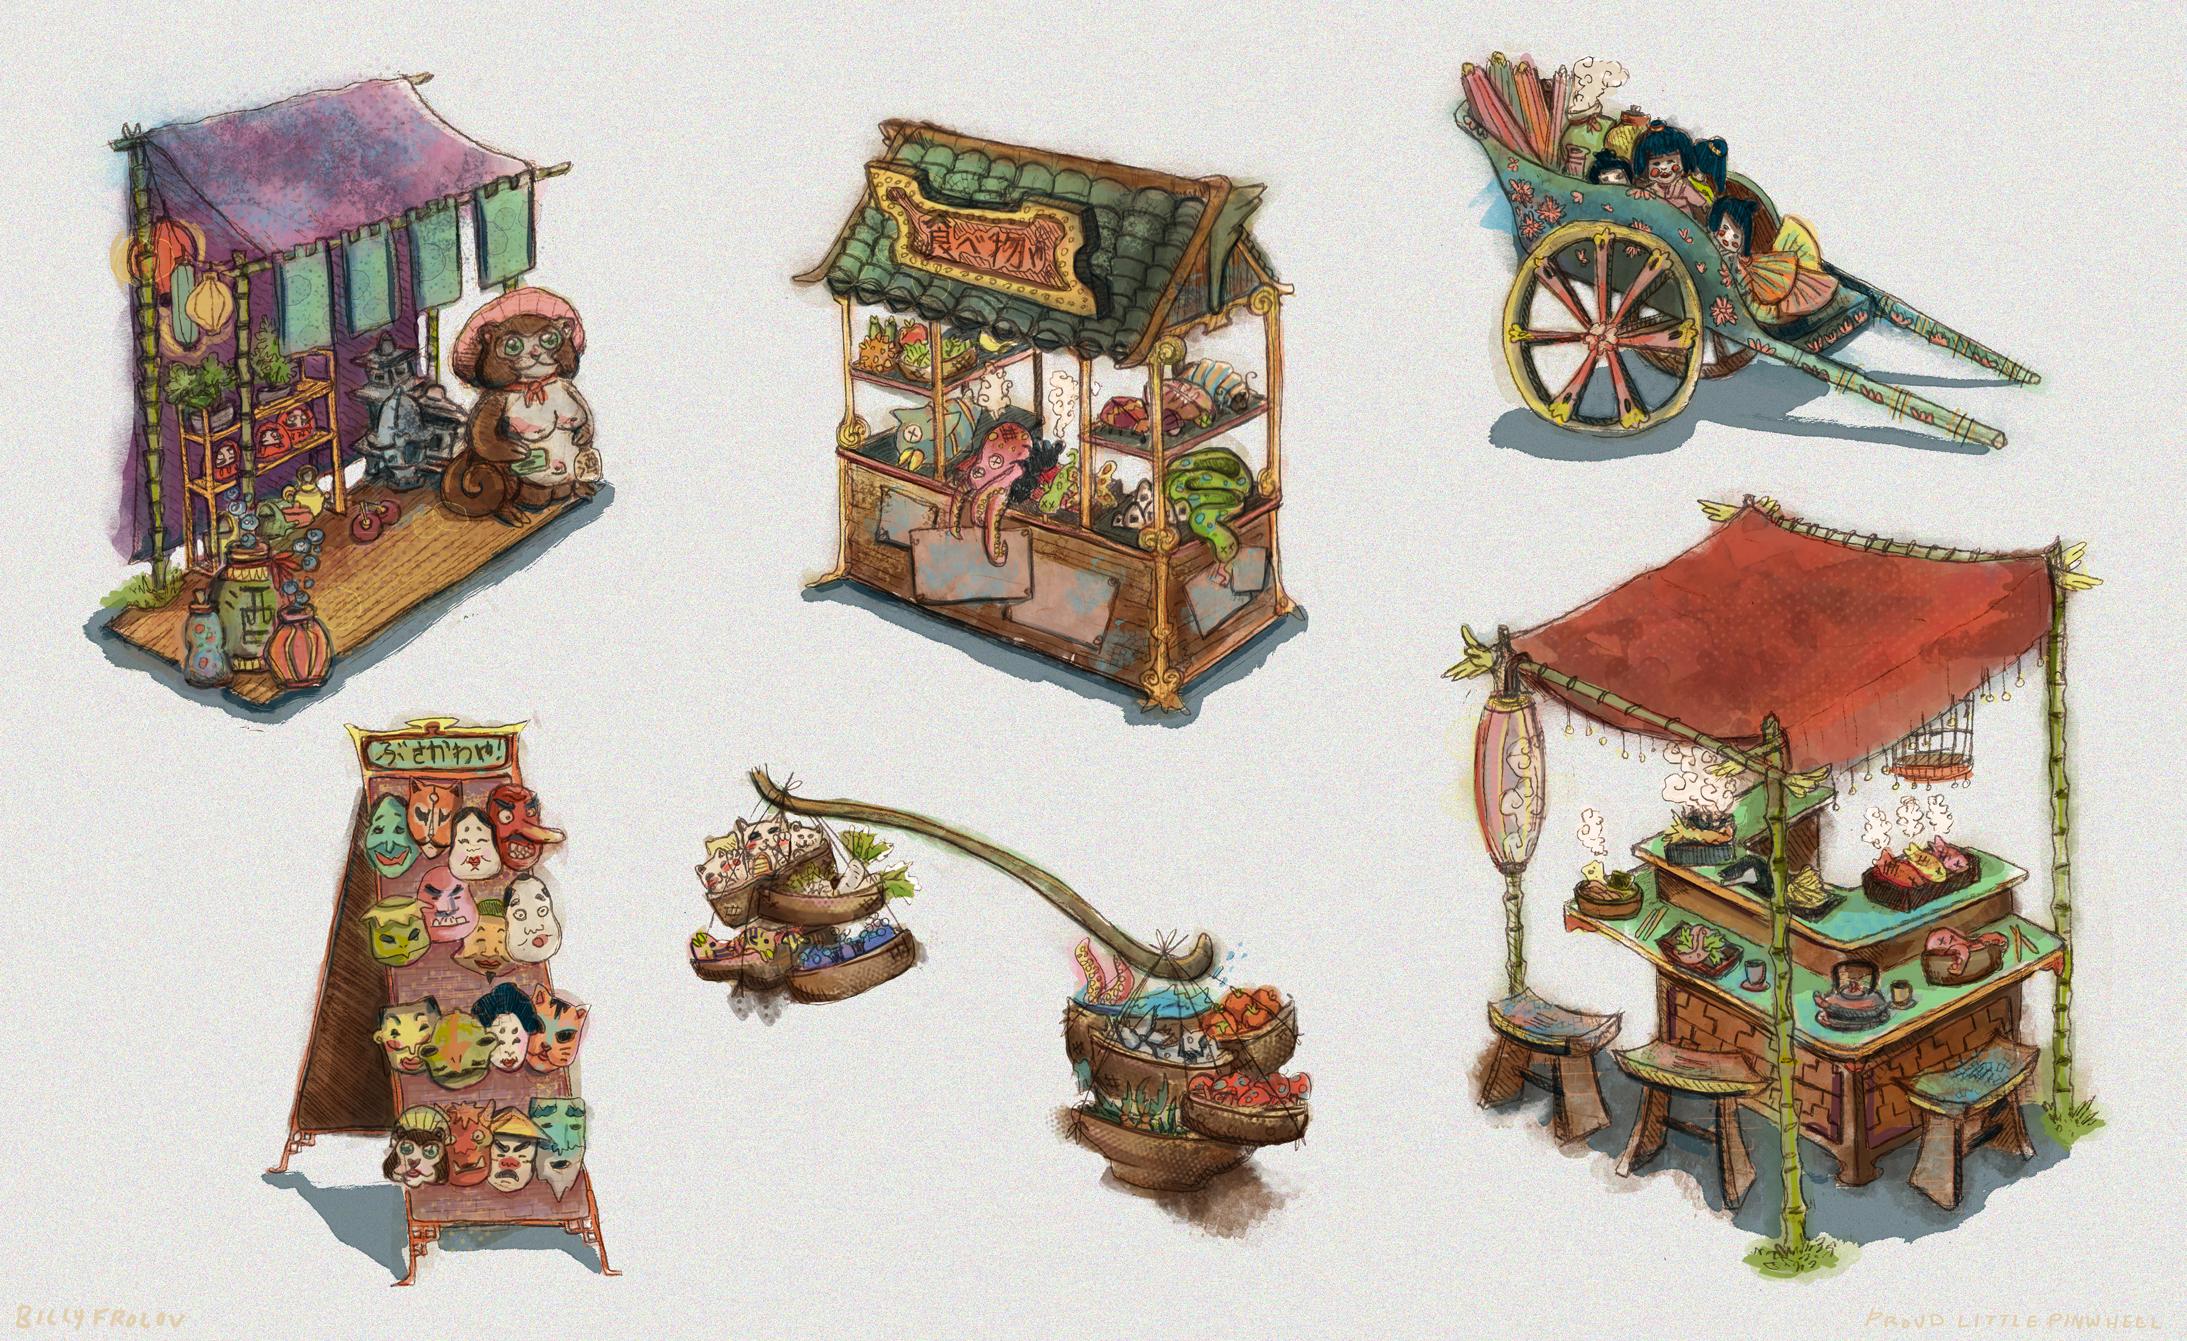 orientalmarket.png 2.187×1.341 pixels